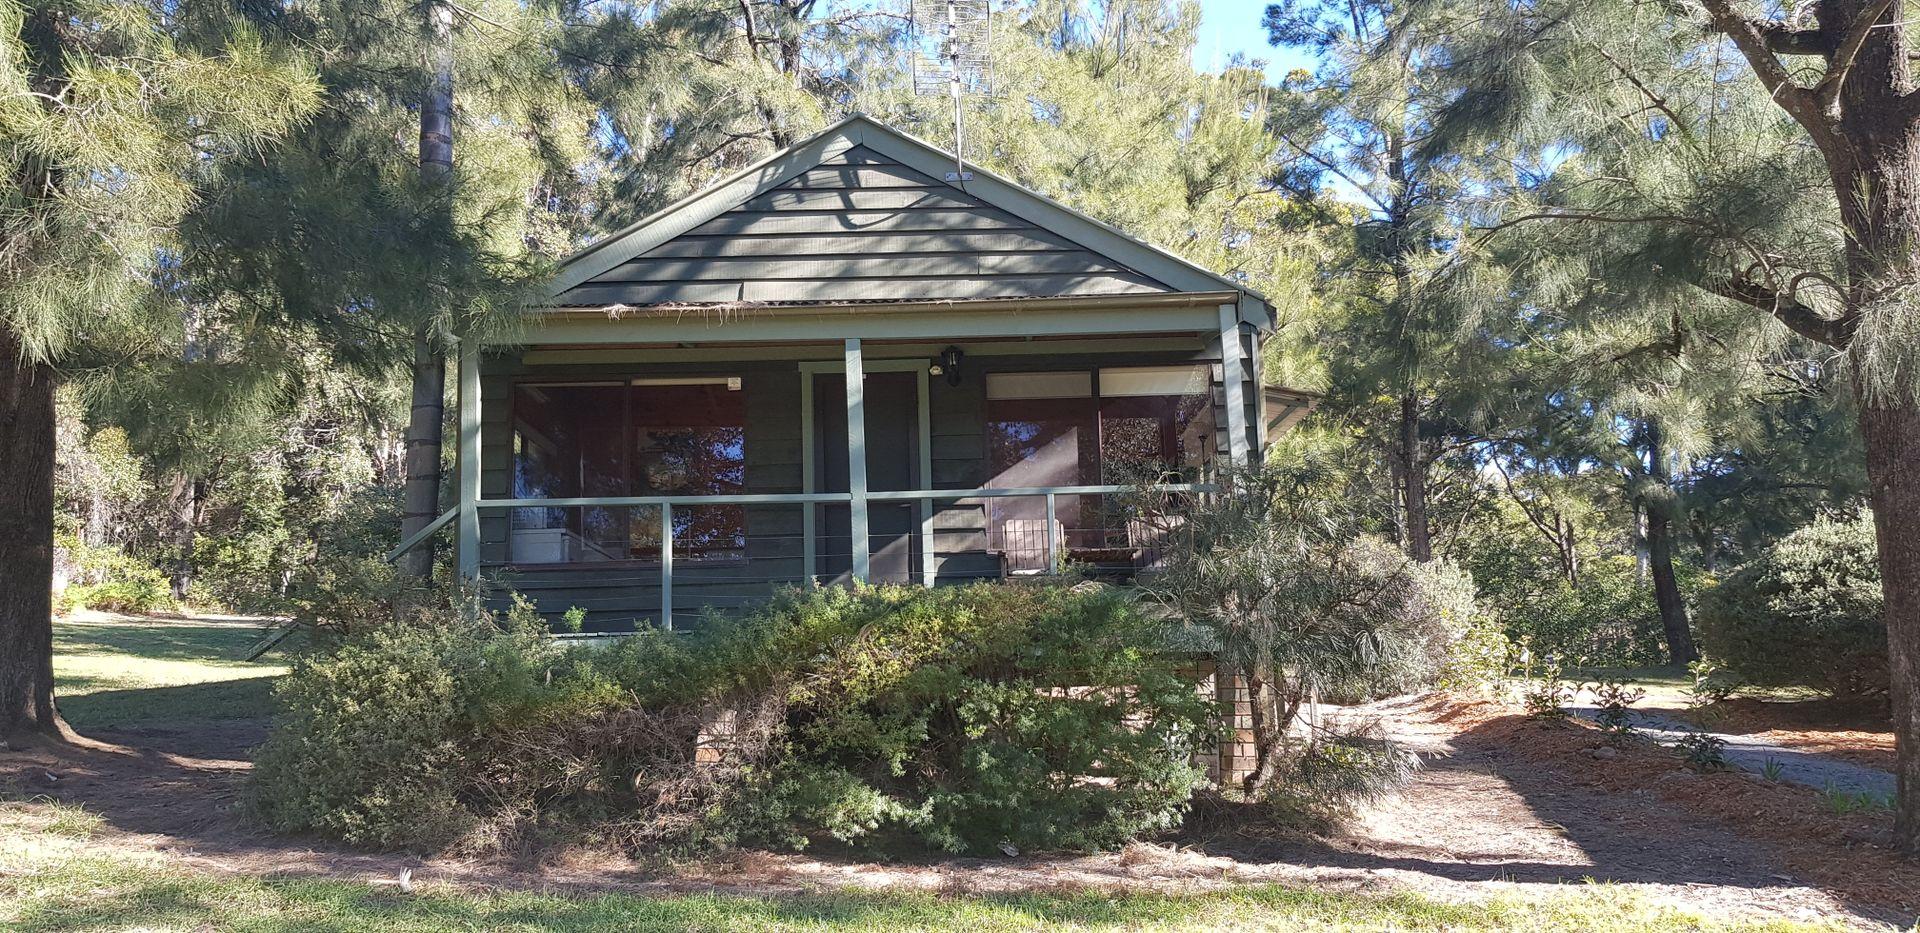 23/390 Mount Scanzi Road, Kangaroo Valley NSW 2577, Image 0